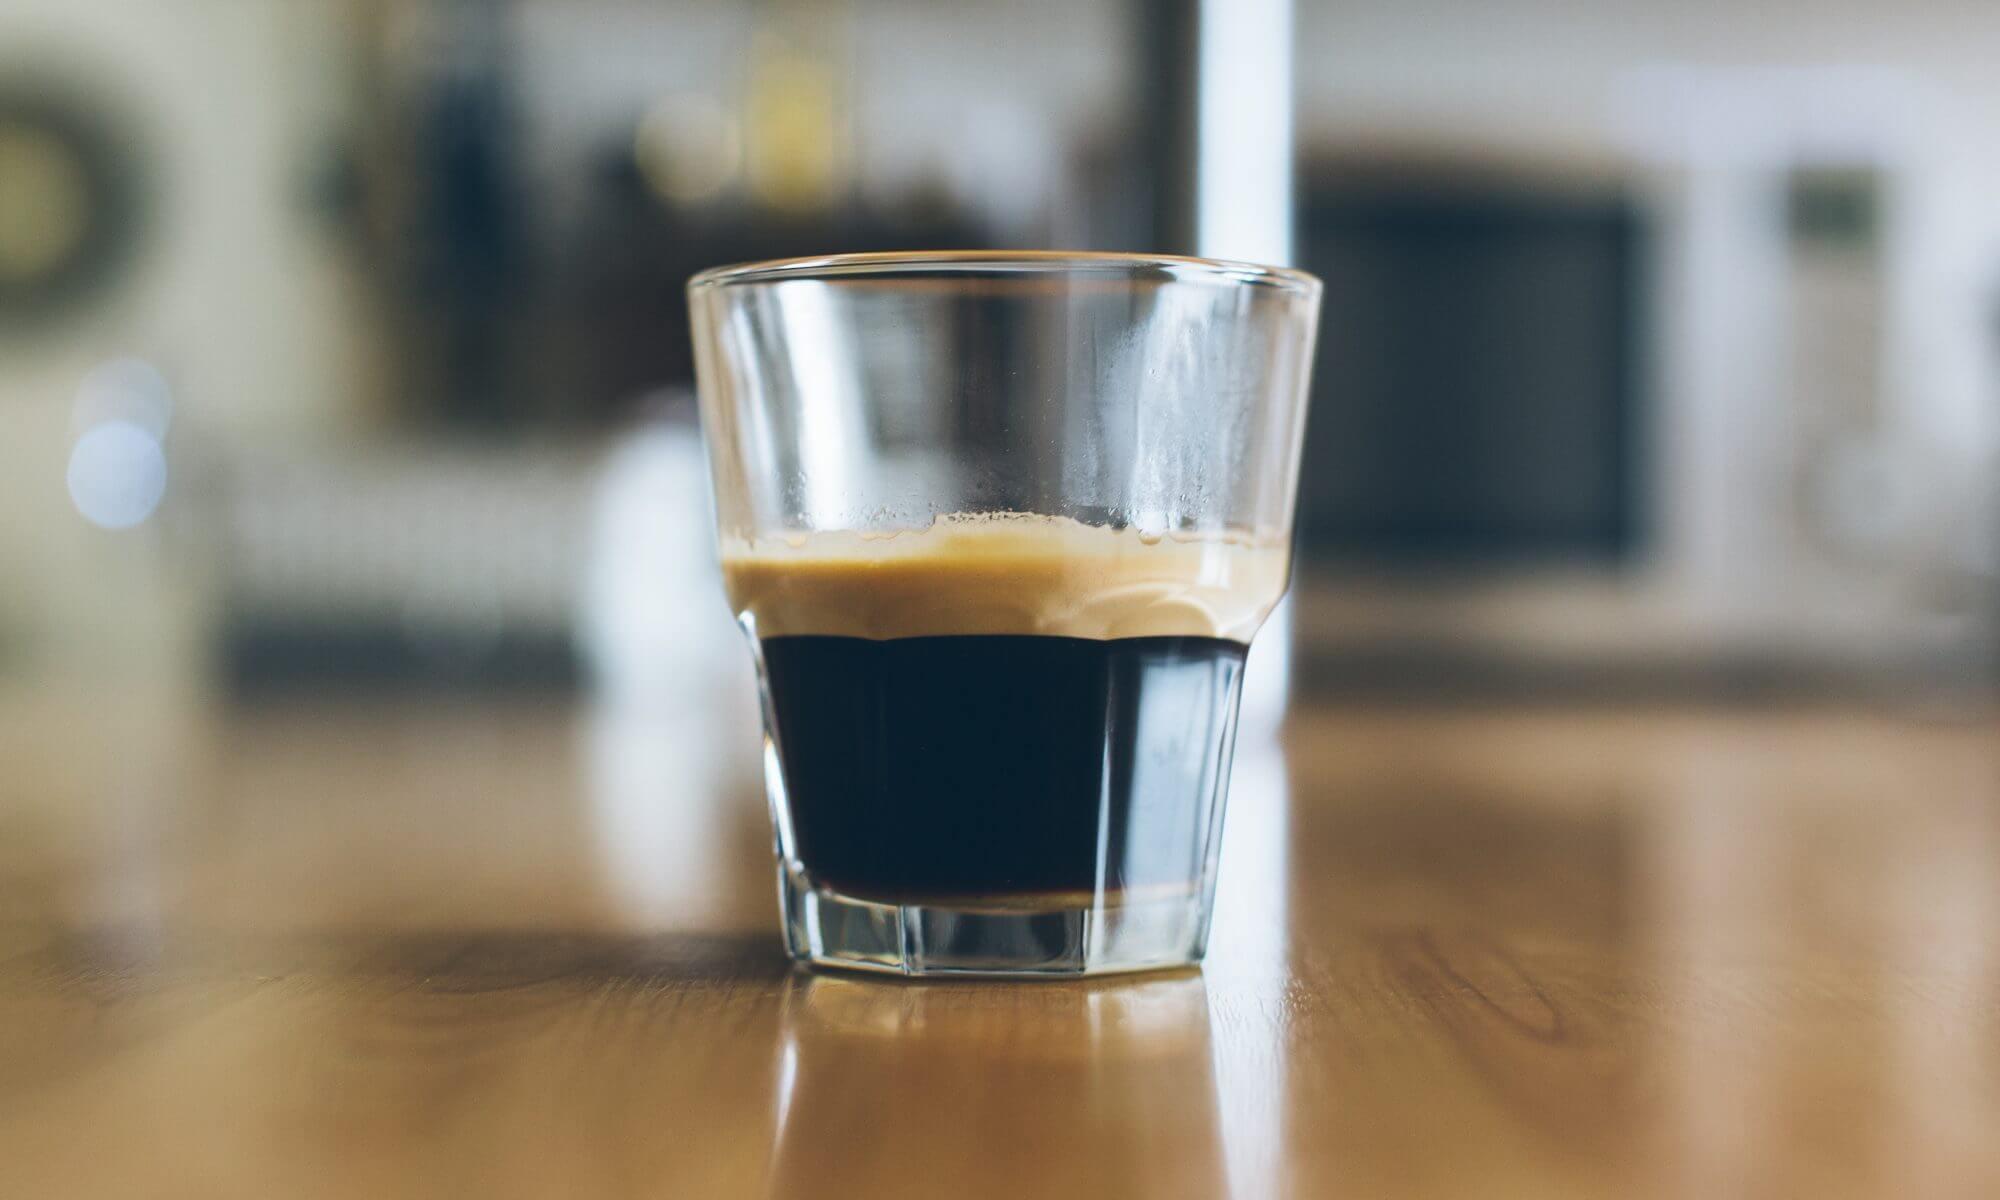 Read more about the article Intet cafésalg – kun kiosksalg